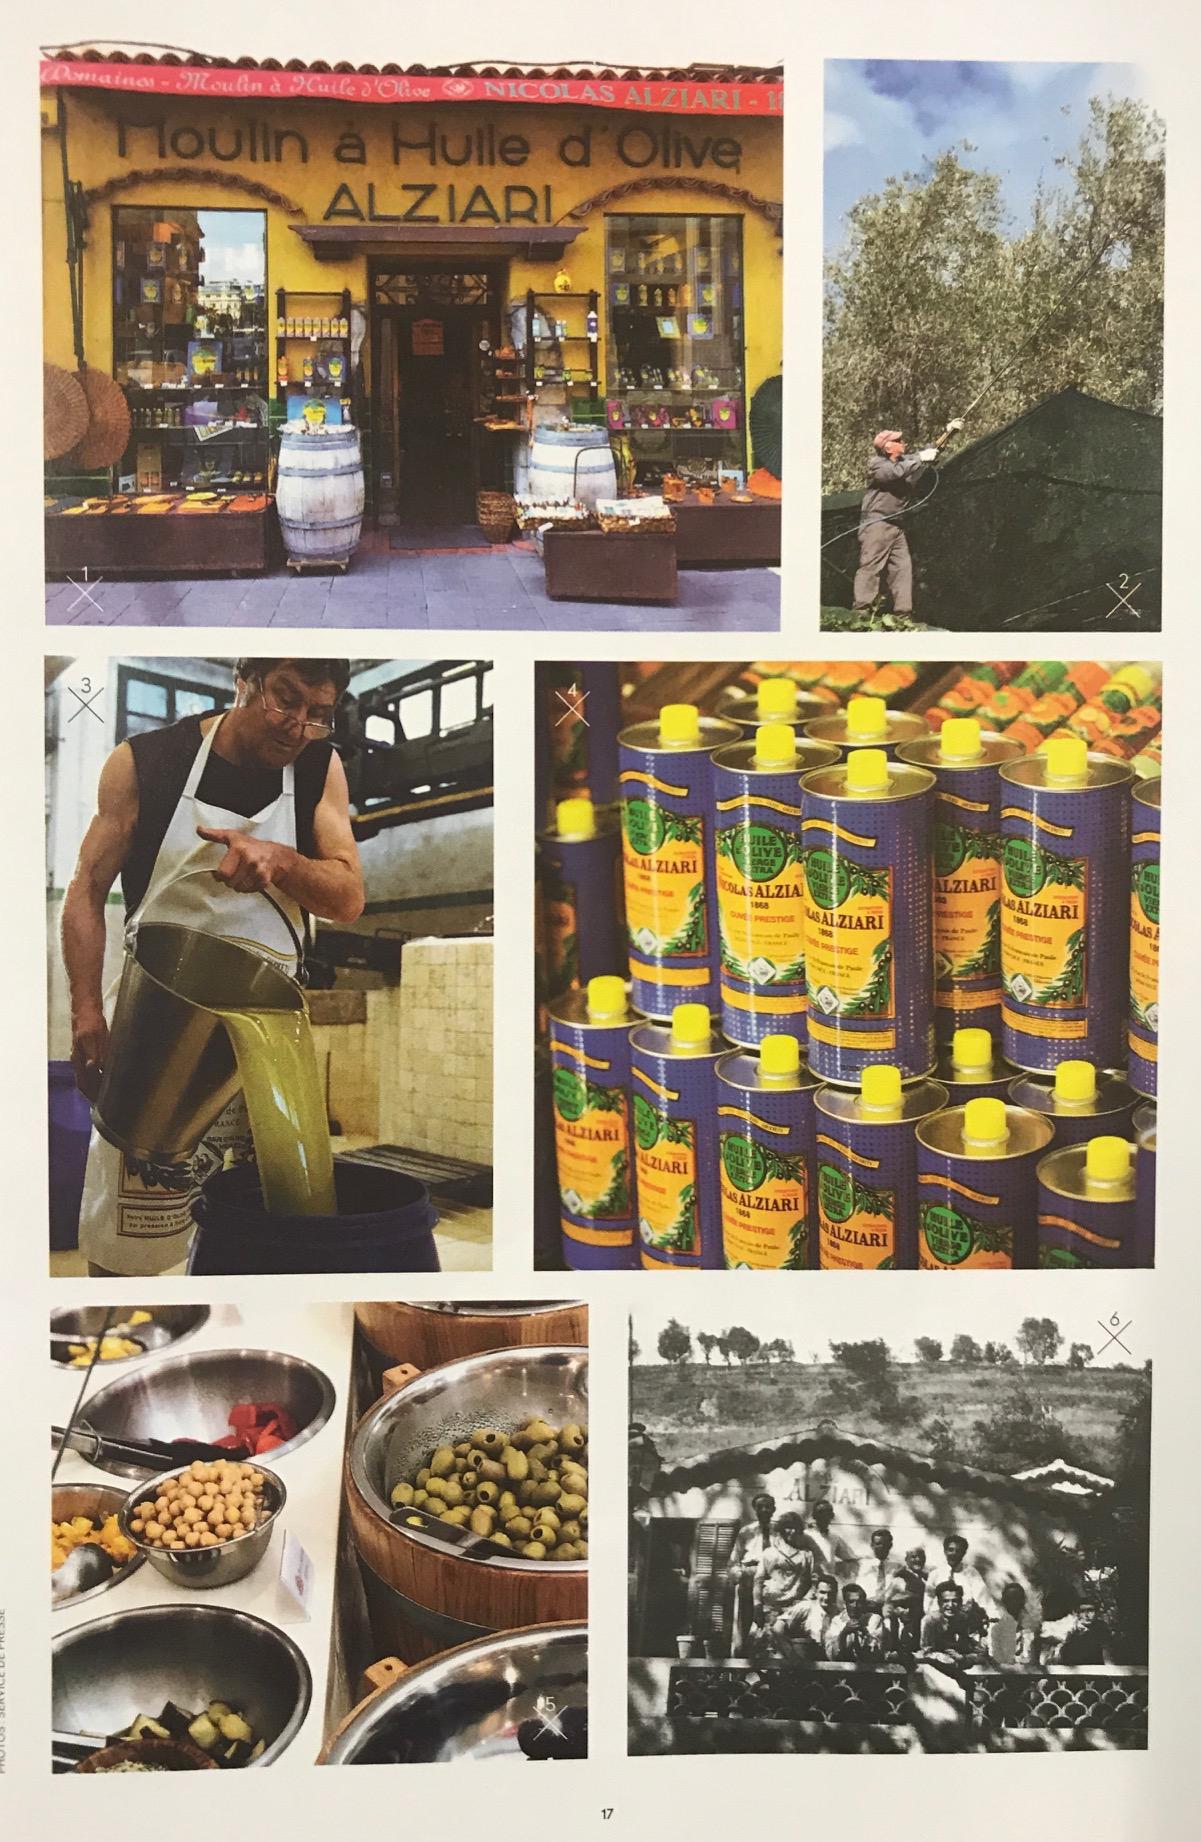 acheter huile d'olive